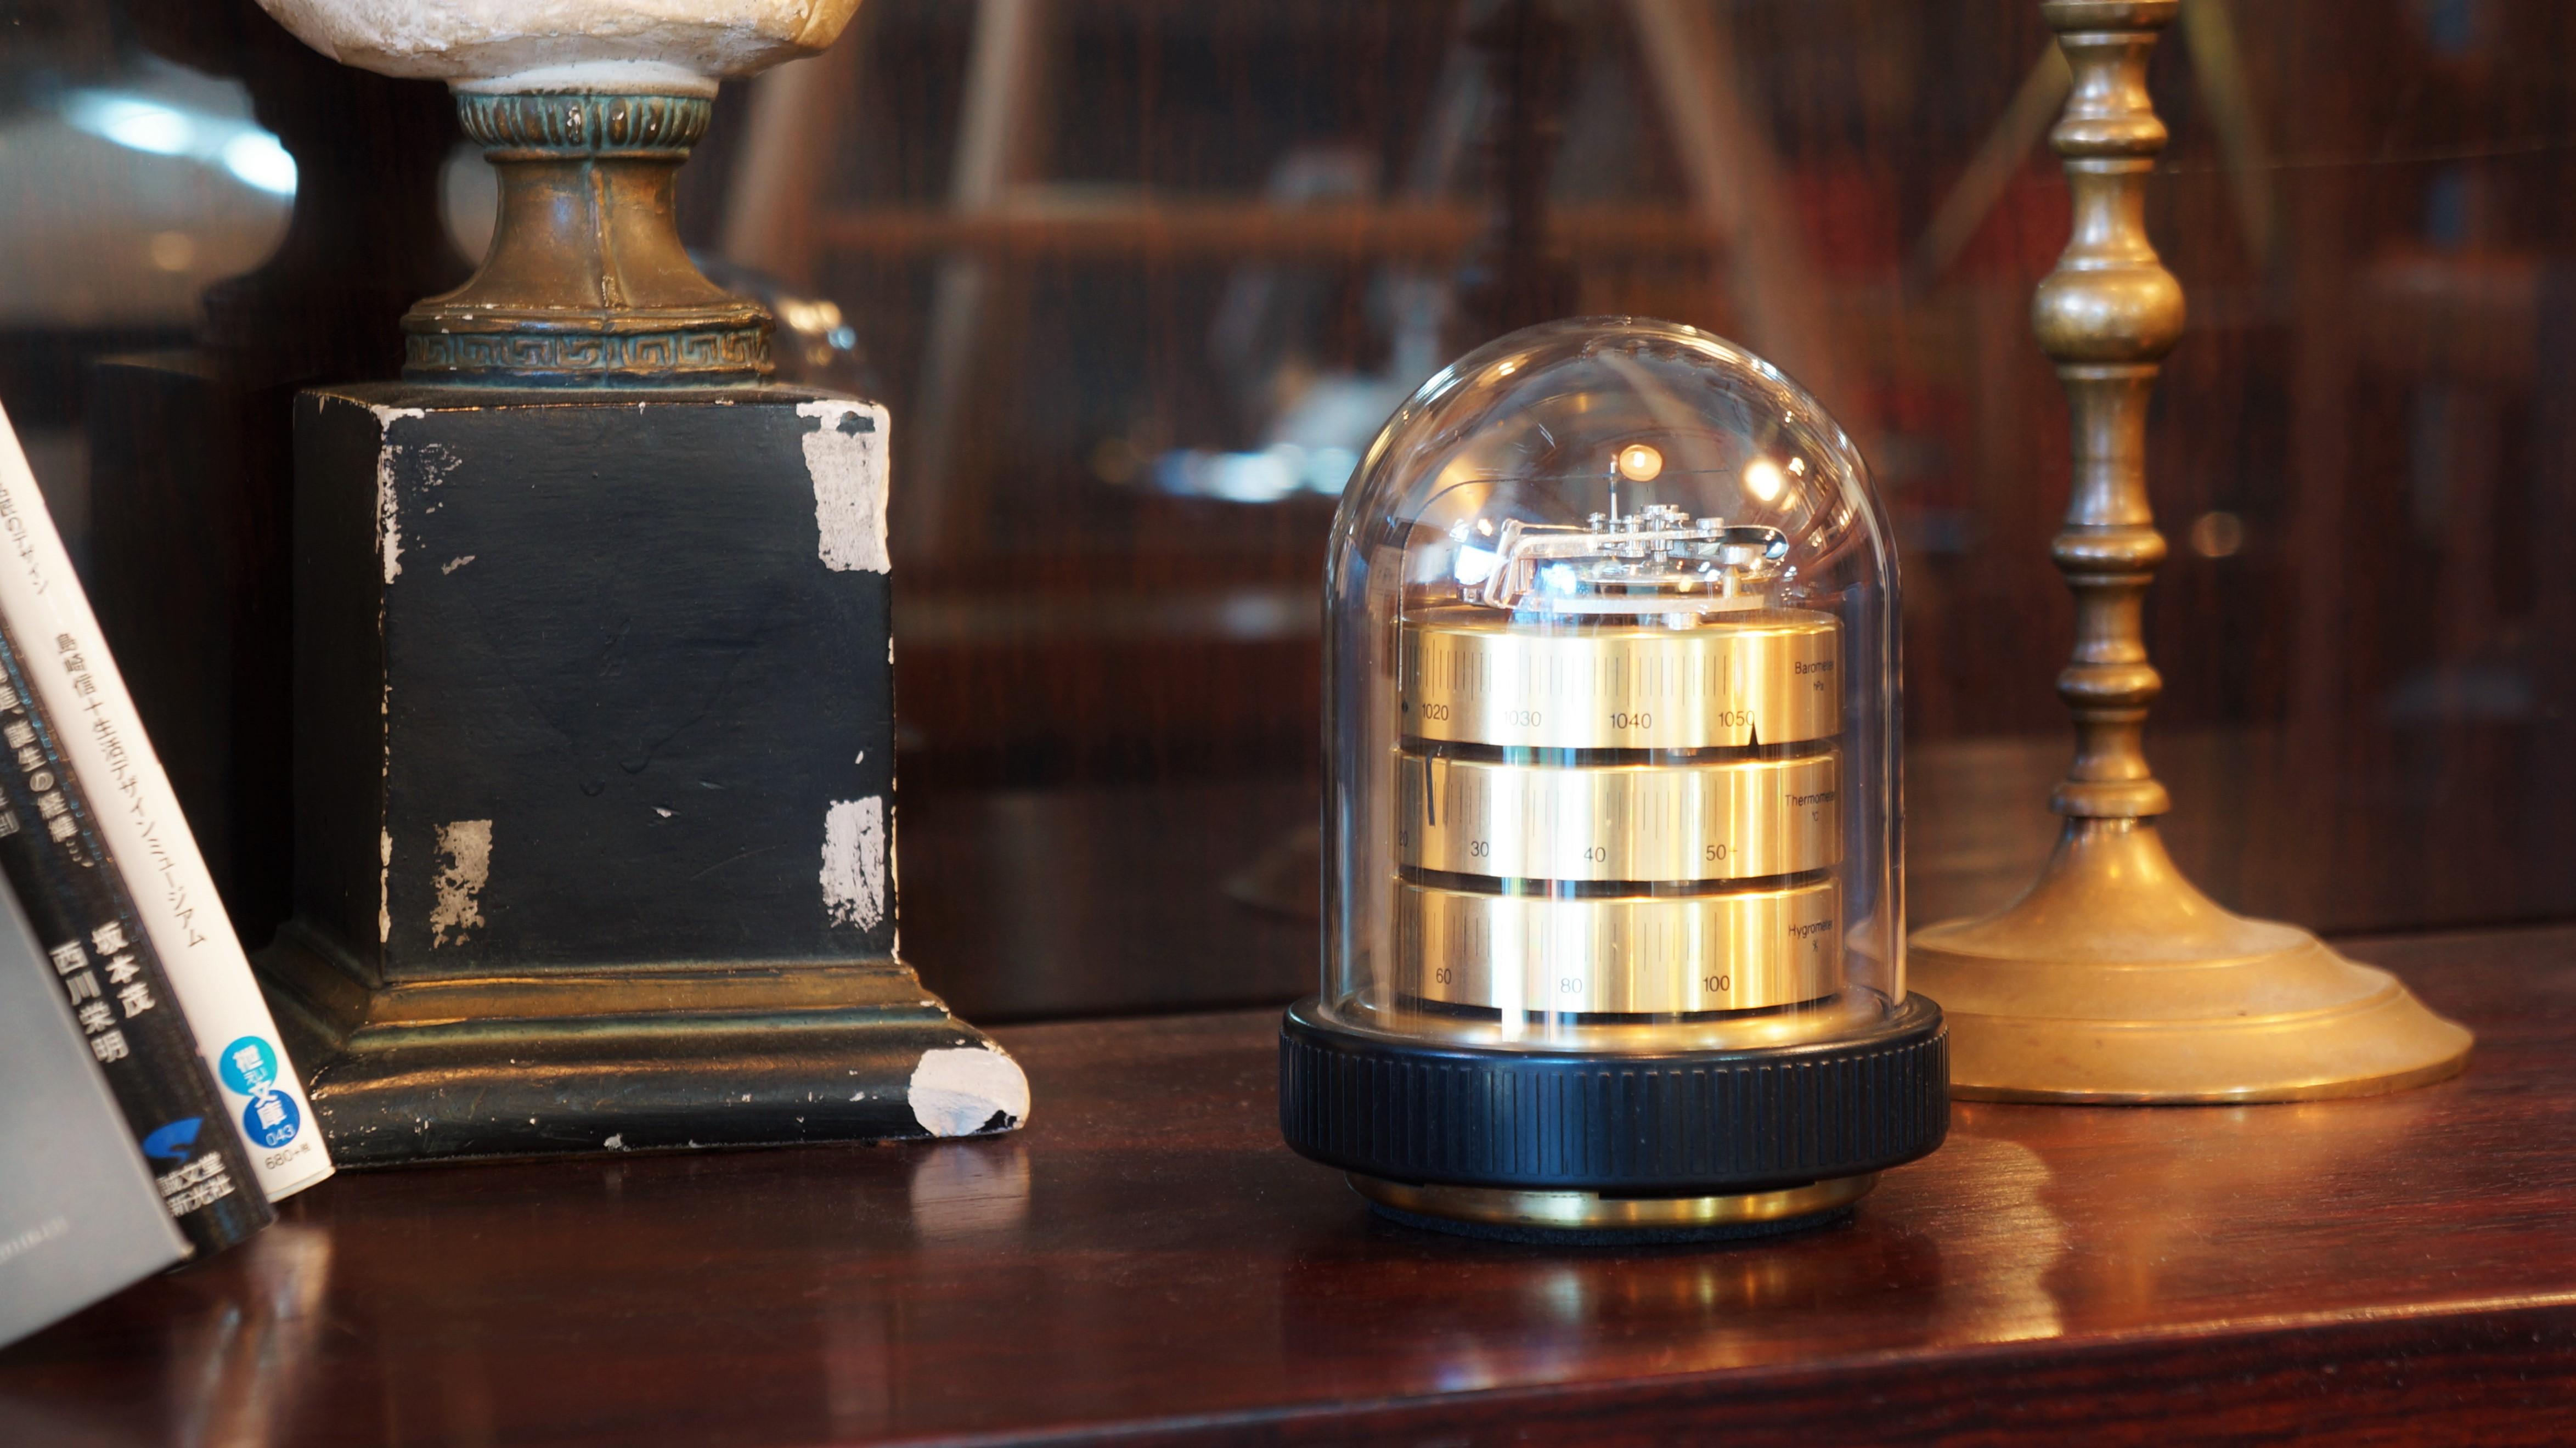 """1926年にドイツで誕生した、高品質の気圧計を生産するメーカー""""バリゴ""""の一番人気のドーム型の温湿気圧計。アクリルのドームの中に気象計が美しくレイアウトされています。 上段が気圧計、中段が温度計、下段が湿度計になっており、お部屋の温度と湿度はもちろん、気圧の変化までが一目で分かります。品質のこだわりが生み出す気品が感じられ、また、オブジェのような存在感があるので インテリアとしてもオススメの逸品です。正確性、信頼性、デザイン性、機能性のそれぞれが優れたバリゴの温湿気圧計を使って 日ごろの体調管理をしてみてはいかがでしょうか♪~【東京都杉並区阿佐ヶ谷北アンティークショップ 古一/ZACK高円寺店】 古一/ふるいちでは出張無料買取も行っております。杉並区周辺はもちろん、世田谷区・目黒区・武蔵野市・新宿区等の東京近郊のお見積もりも!ビンテージ家具・インテリア雑貨・ランプ・USED品・ リサイクルなら古一/フルイチへ~"""